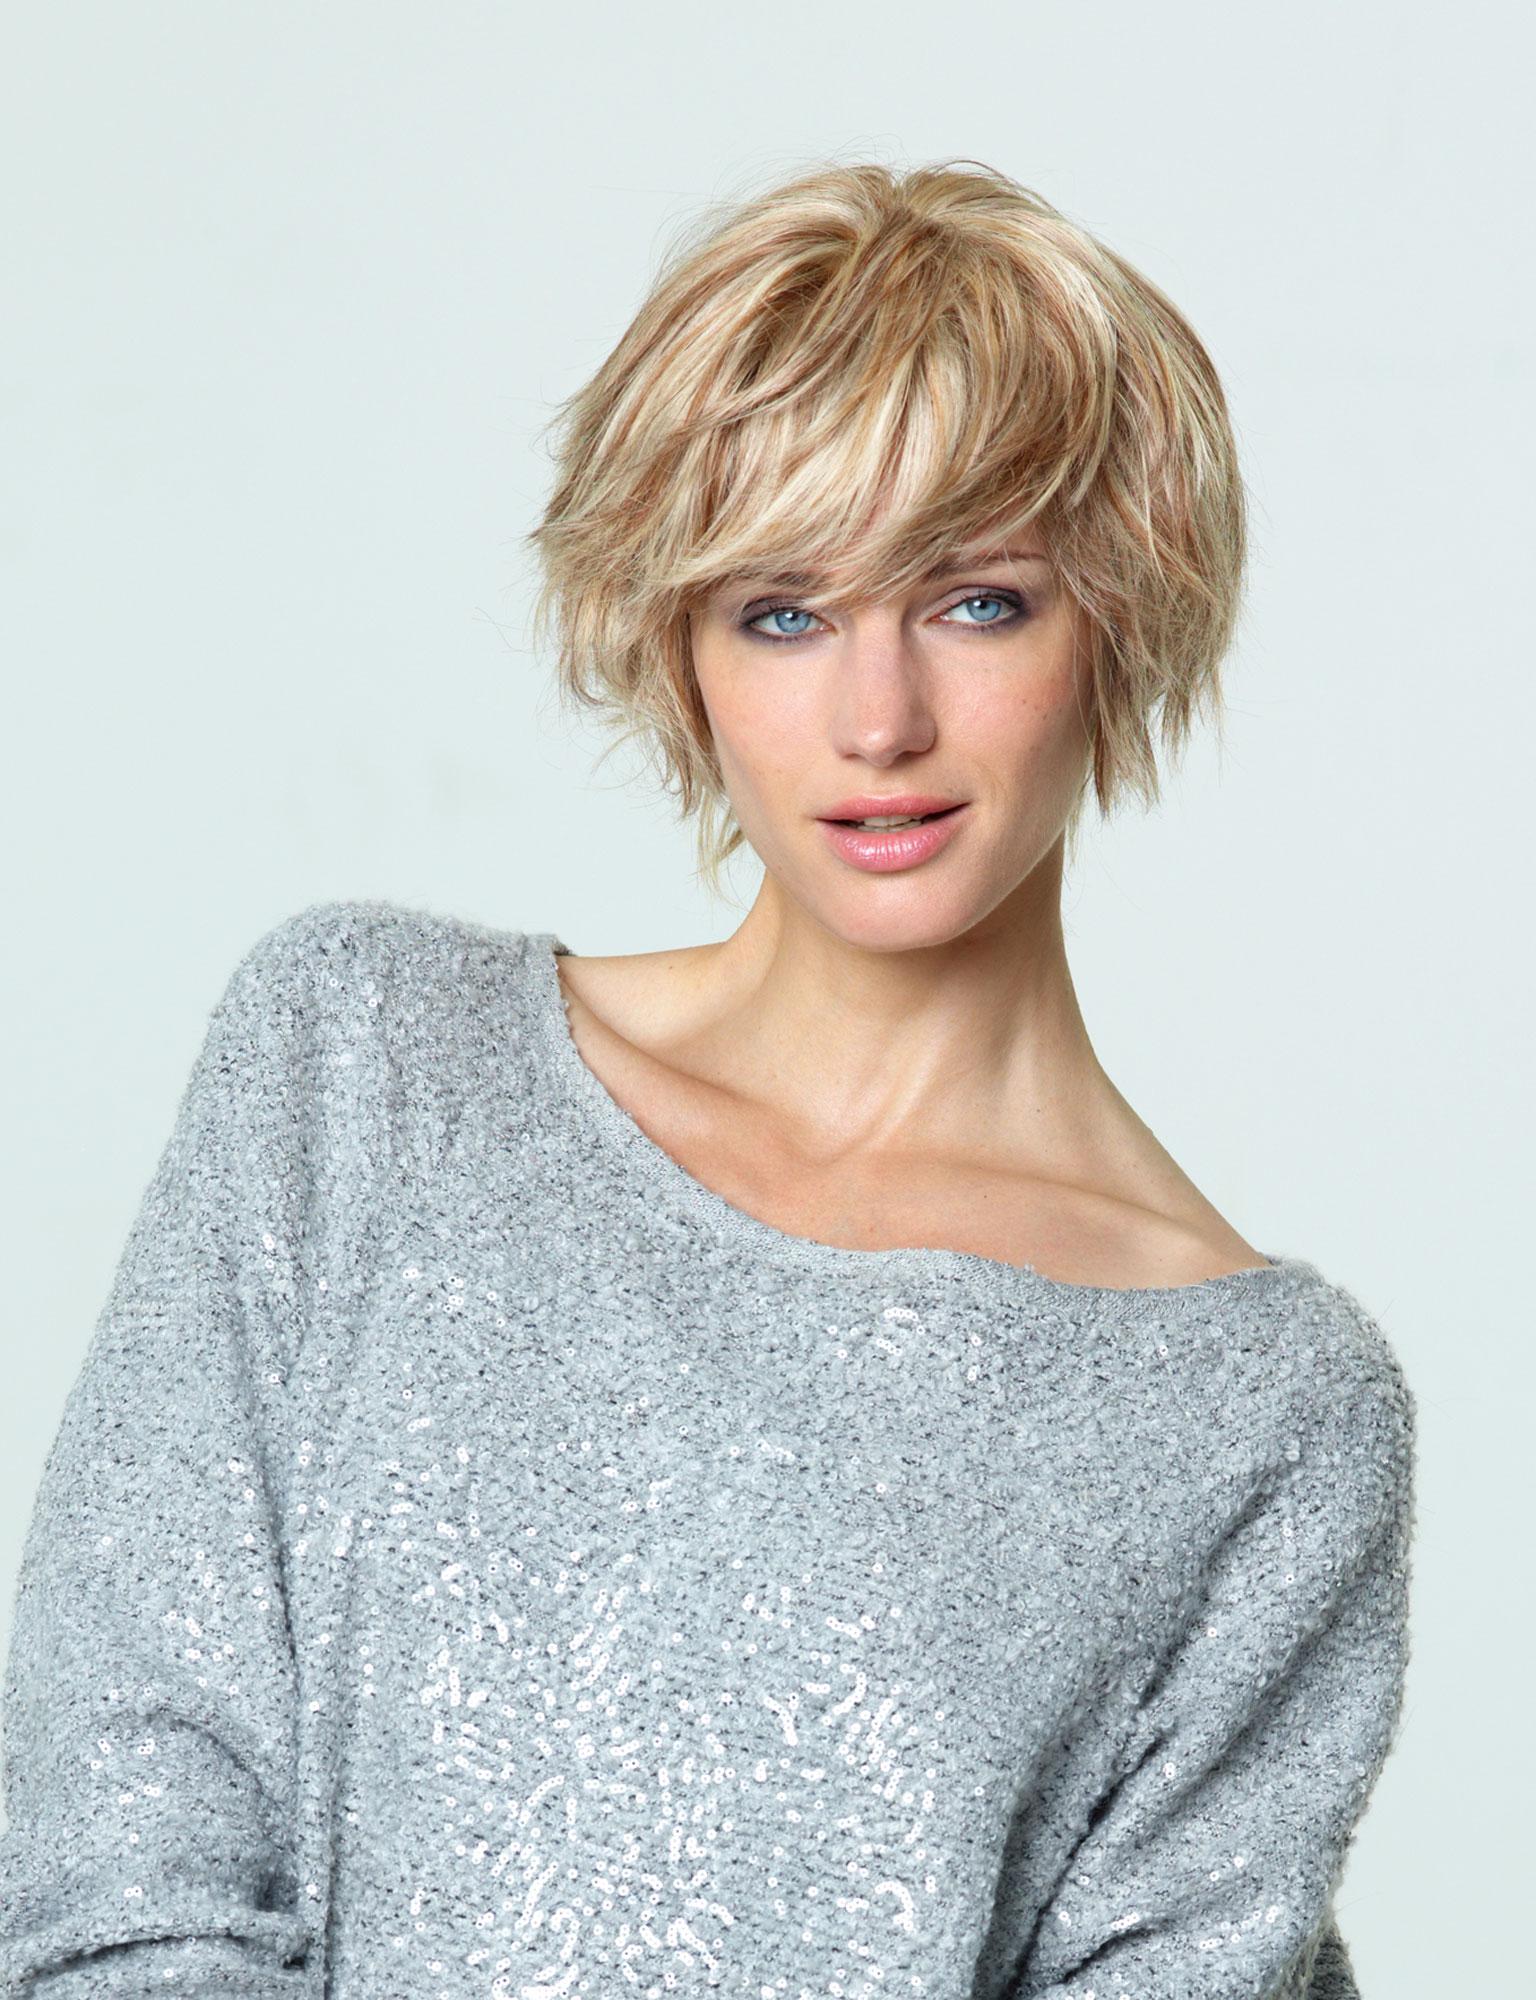 Cancer 20 Modeles De Perruques Pour Bien Choisir Femme Actuelle